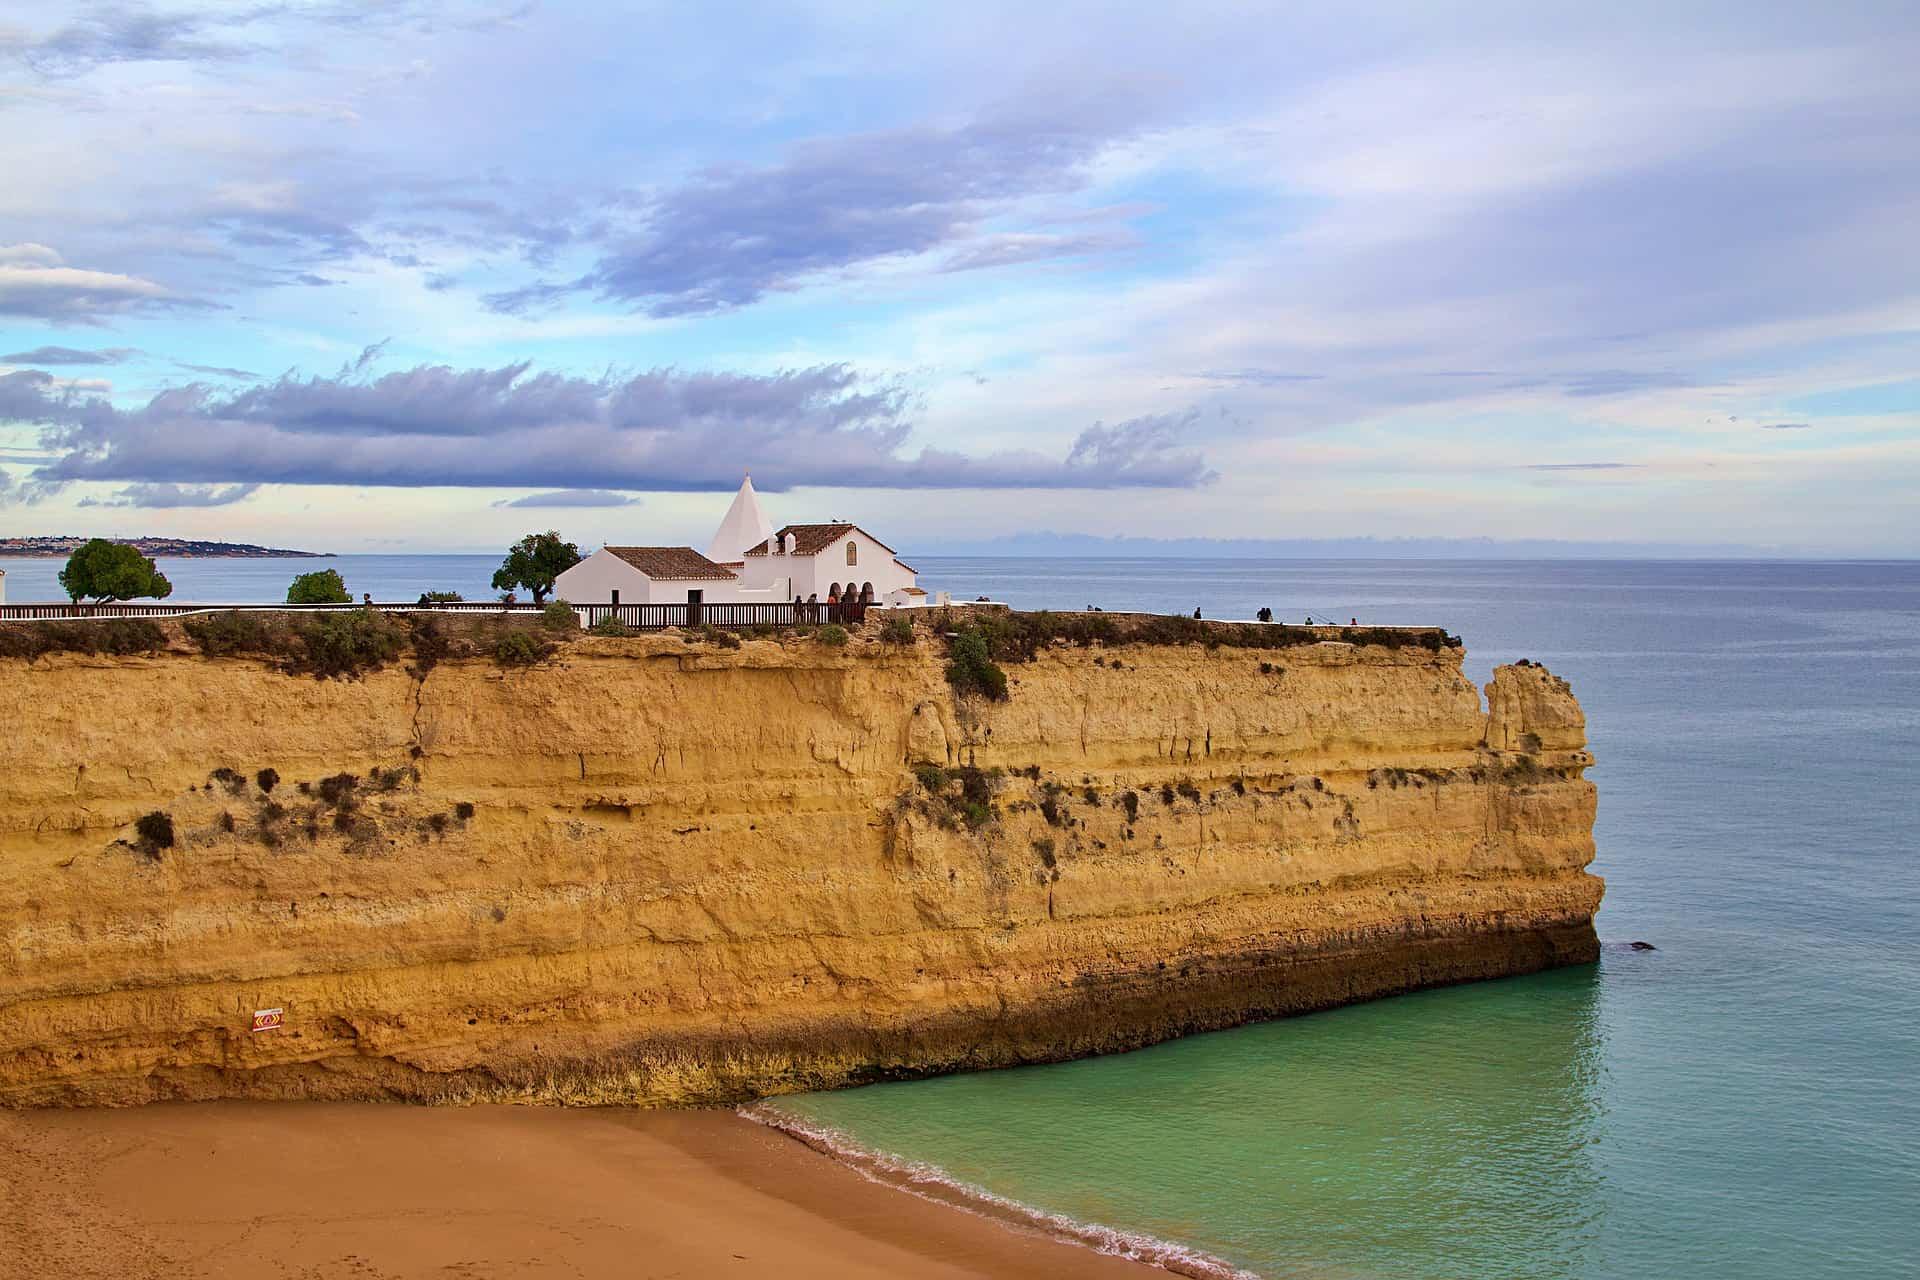 Vilanova Resort Albufeira - Pauschalreise nur 155,97€ 1 Woche